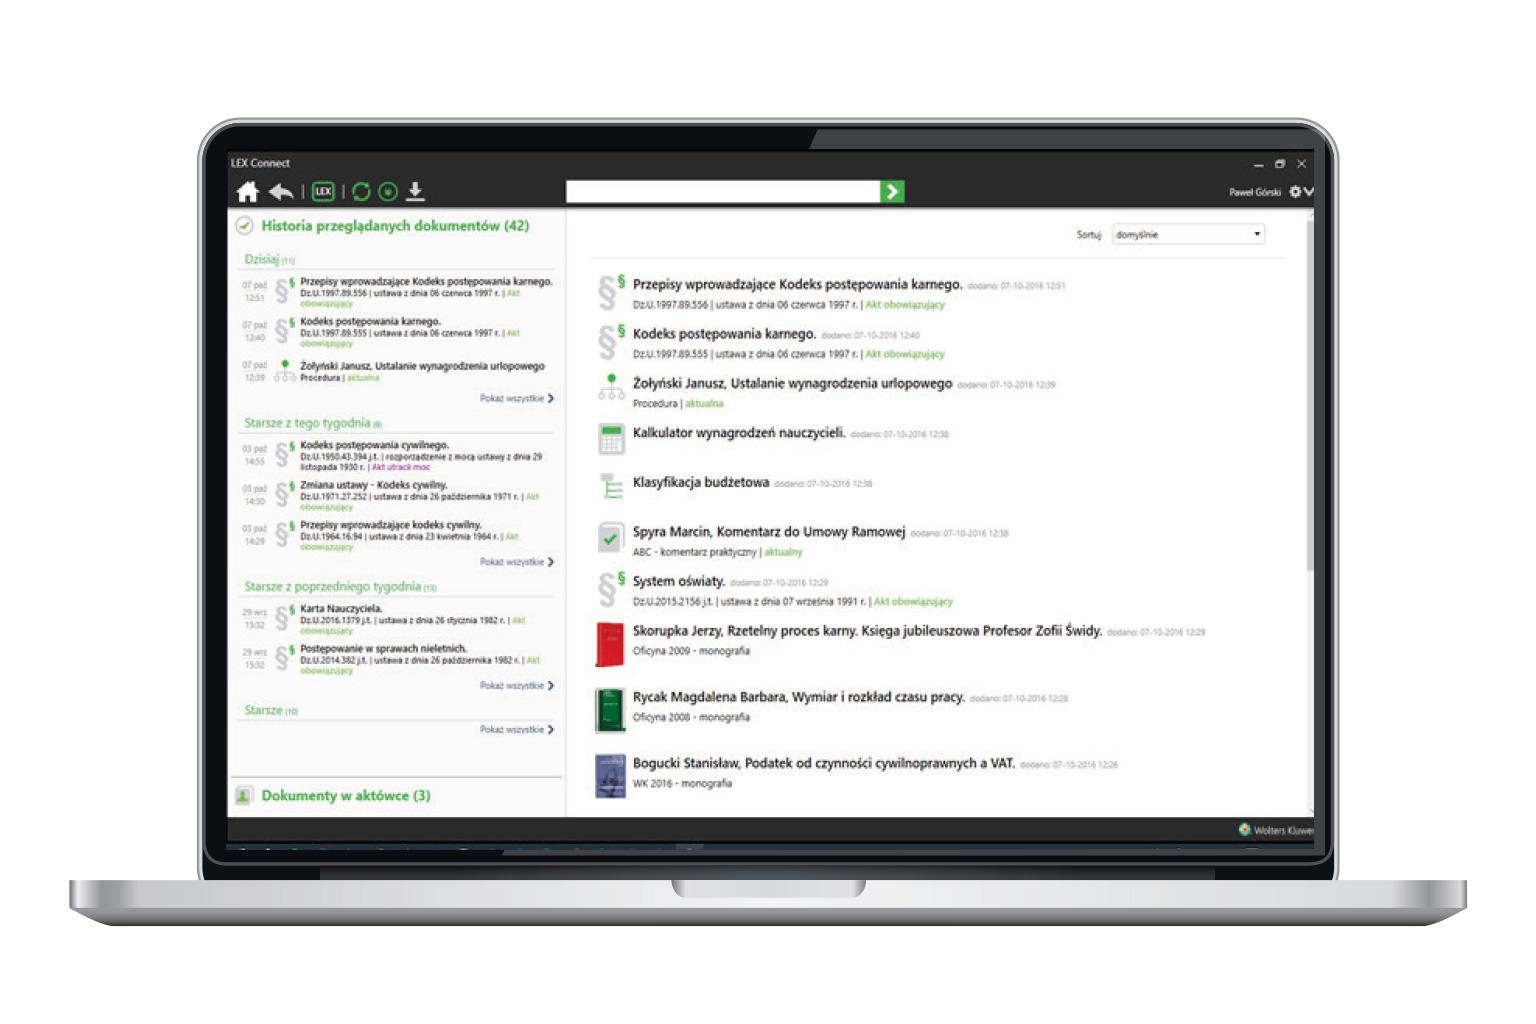 Okno narzędzia LEX Connect przedstawiające funkcję historia przeglądanych dokumentów